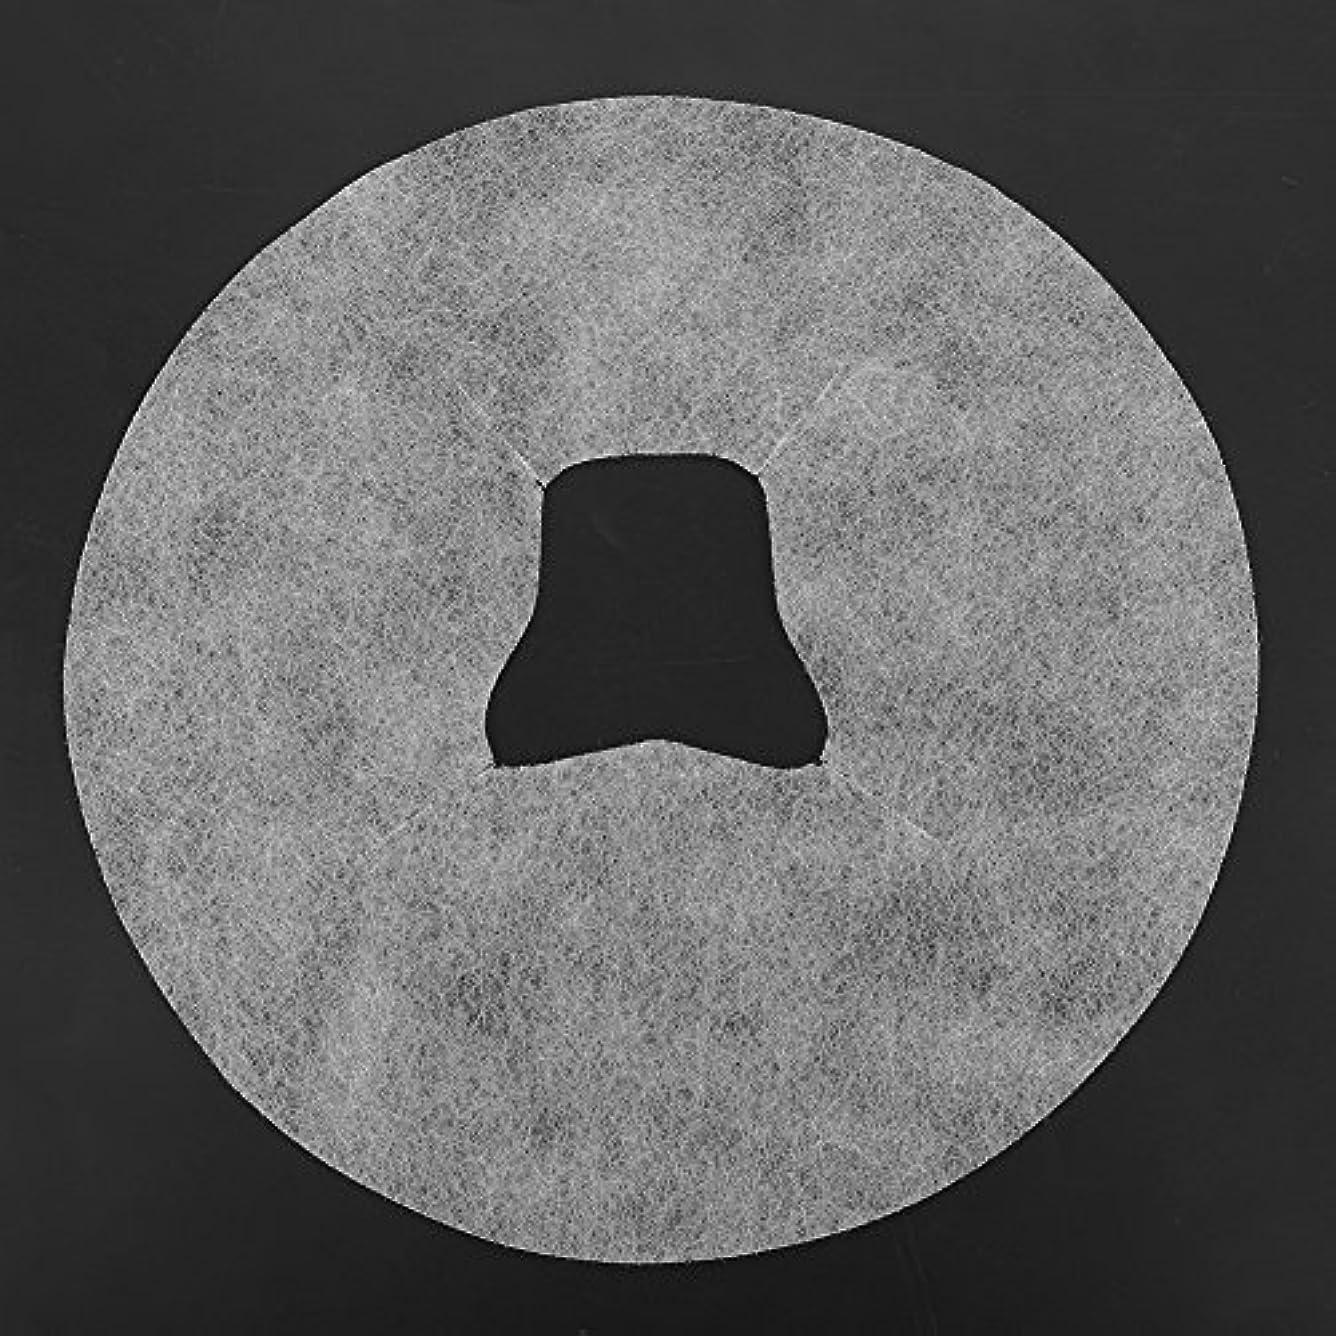 おそらく展開する有効SoarUp 【100枚入】 フェイスマッサージパッド 使い捨てタオル 顔用 使い捨て 不織布材料 通気性 美容院?スパ?美容マッサージ専用 衛生的 安全 ホワイト